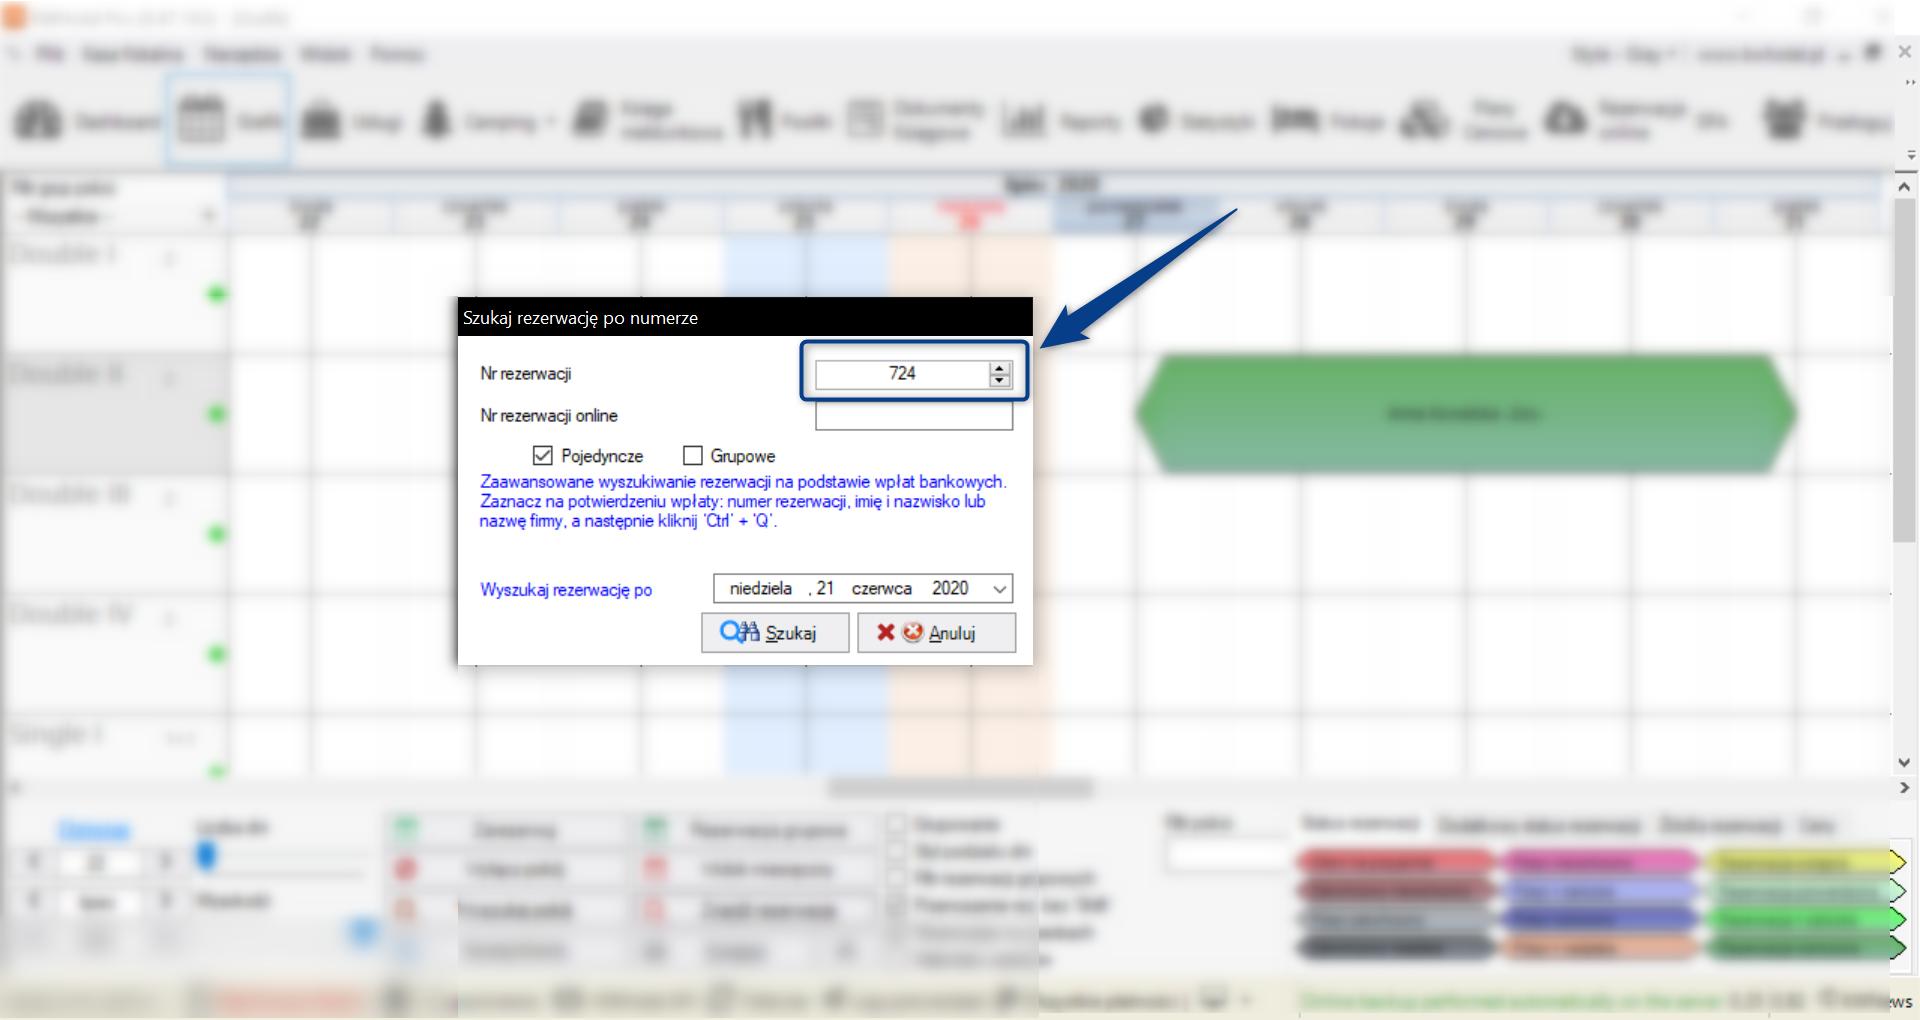 Kalendarz rezerwacji pokoi w hotelu - wyszukiwanie rezerwacji